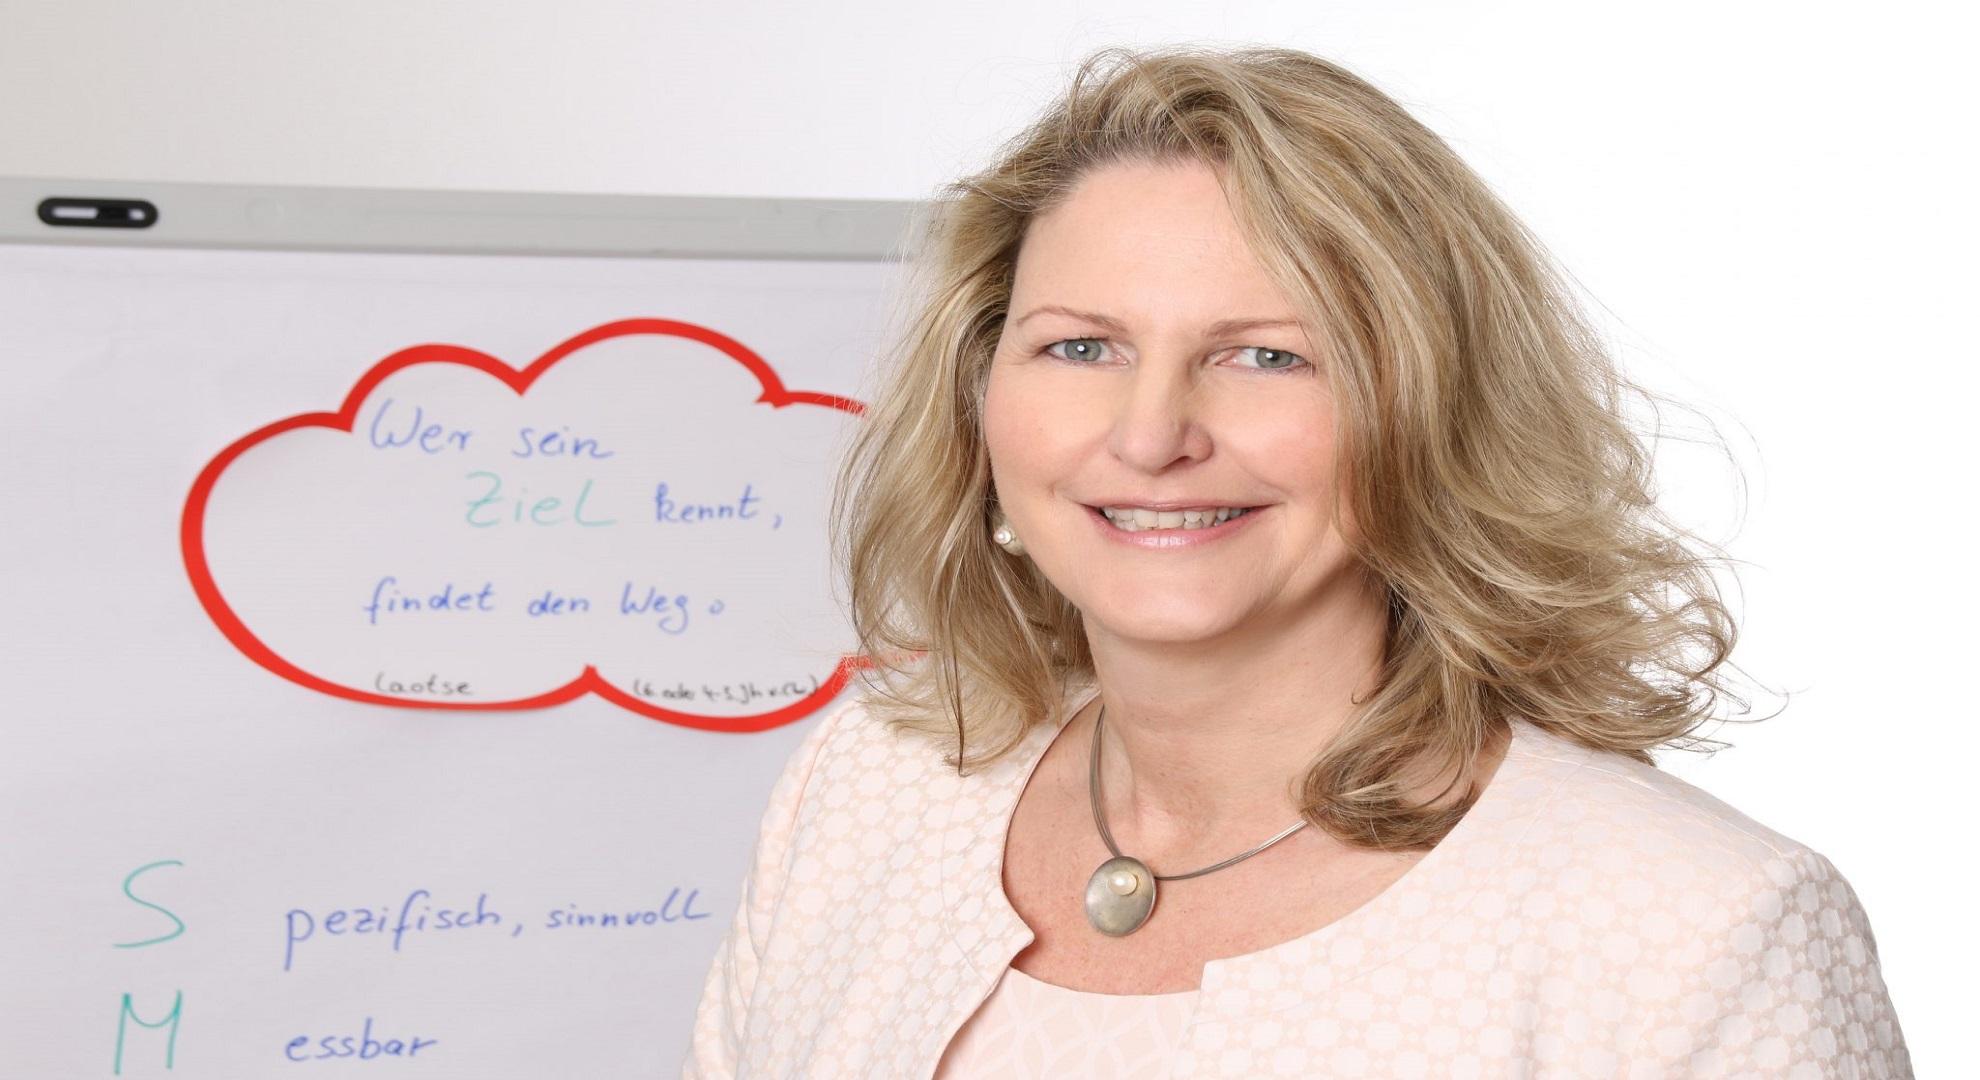 Positiv abheben Mitarbeiterführung Fachkräftegewinnung Unternehmersparring Businesscoaching